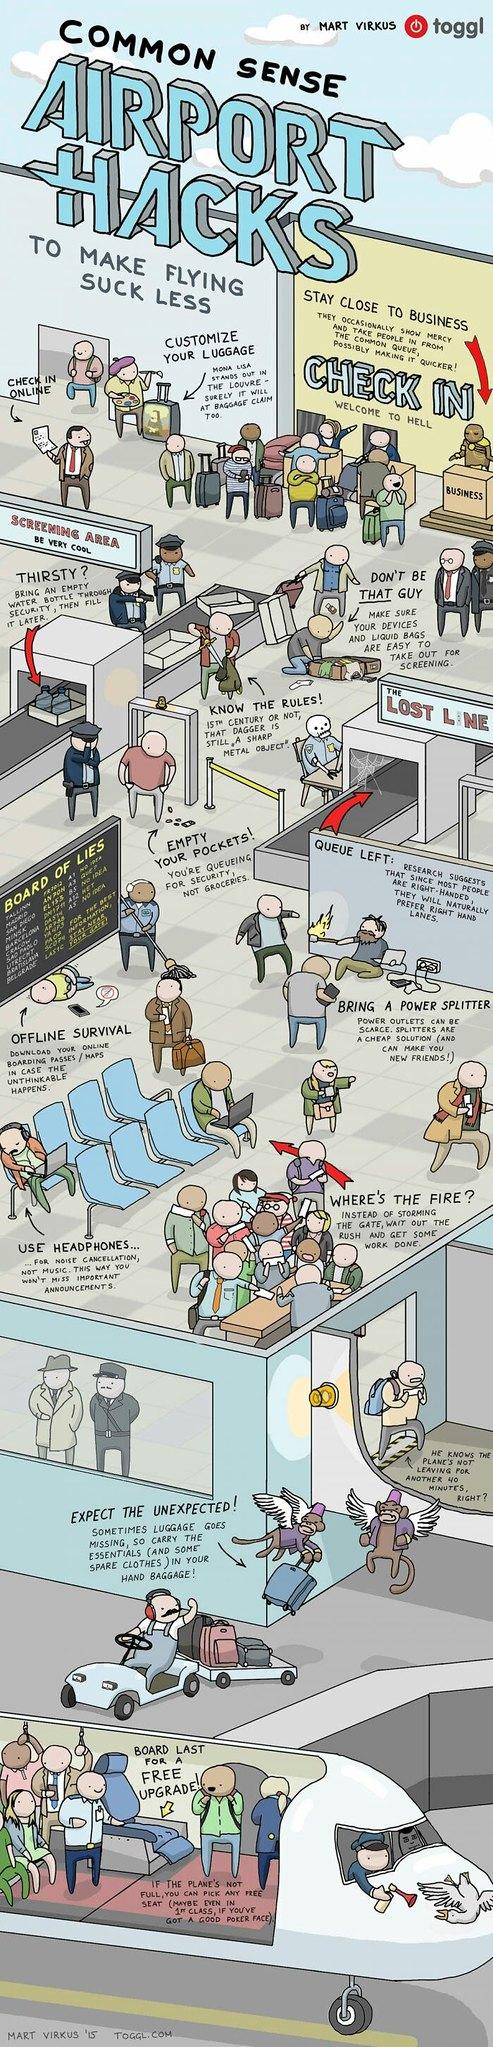 Airport-hacks